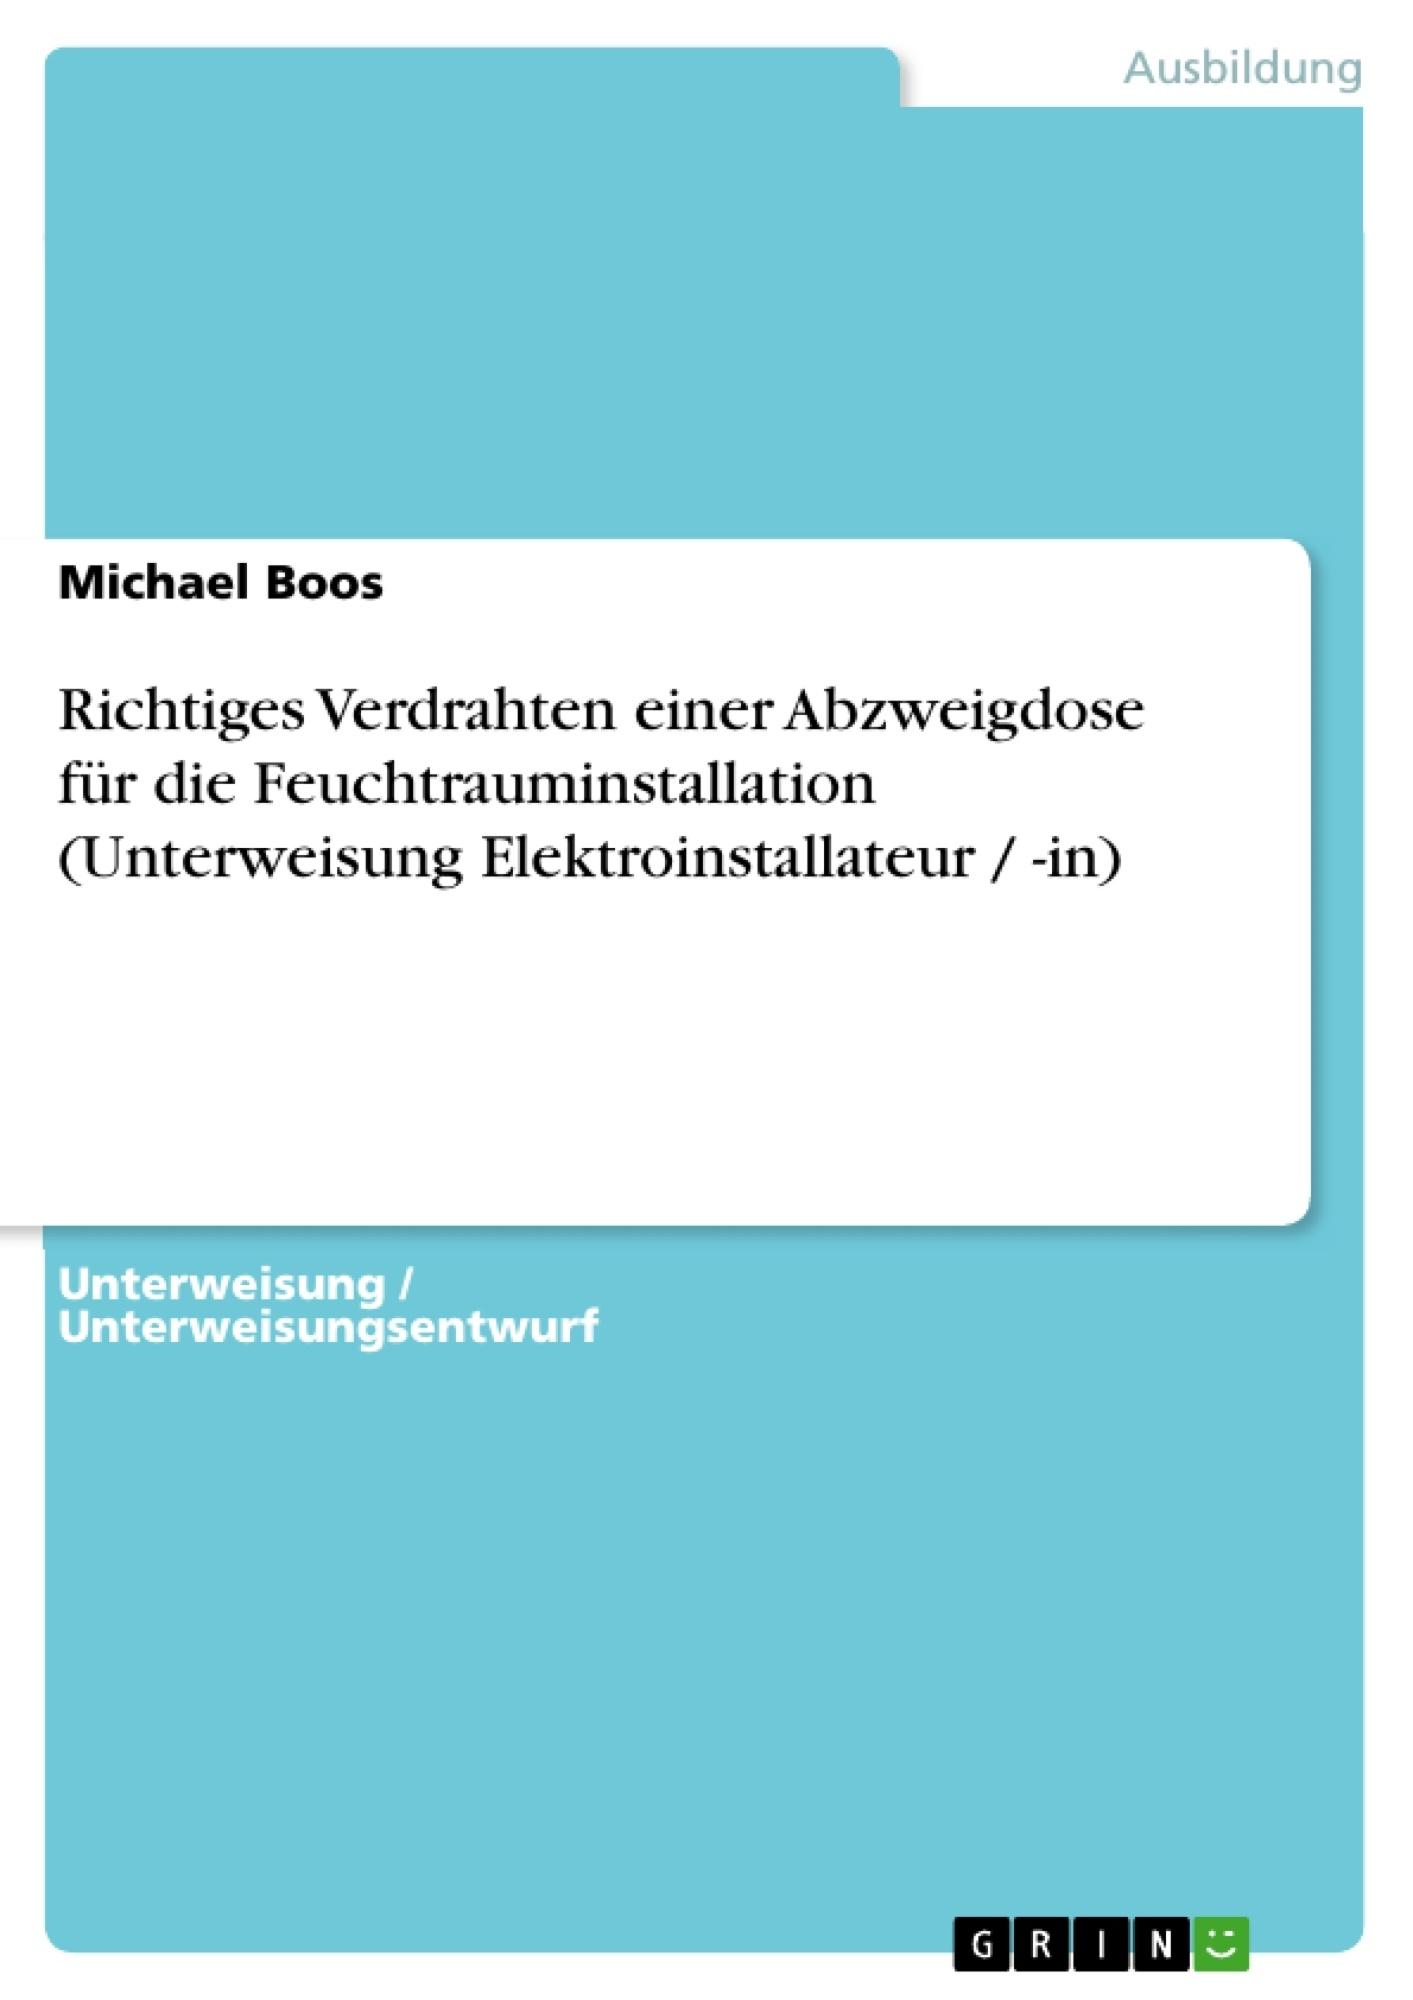 Titel: Richtiges Verdrahten einer Abzweigdose für die Feuchtrauminstallation (Unterweisung Elektroinstallateur / -in)